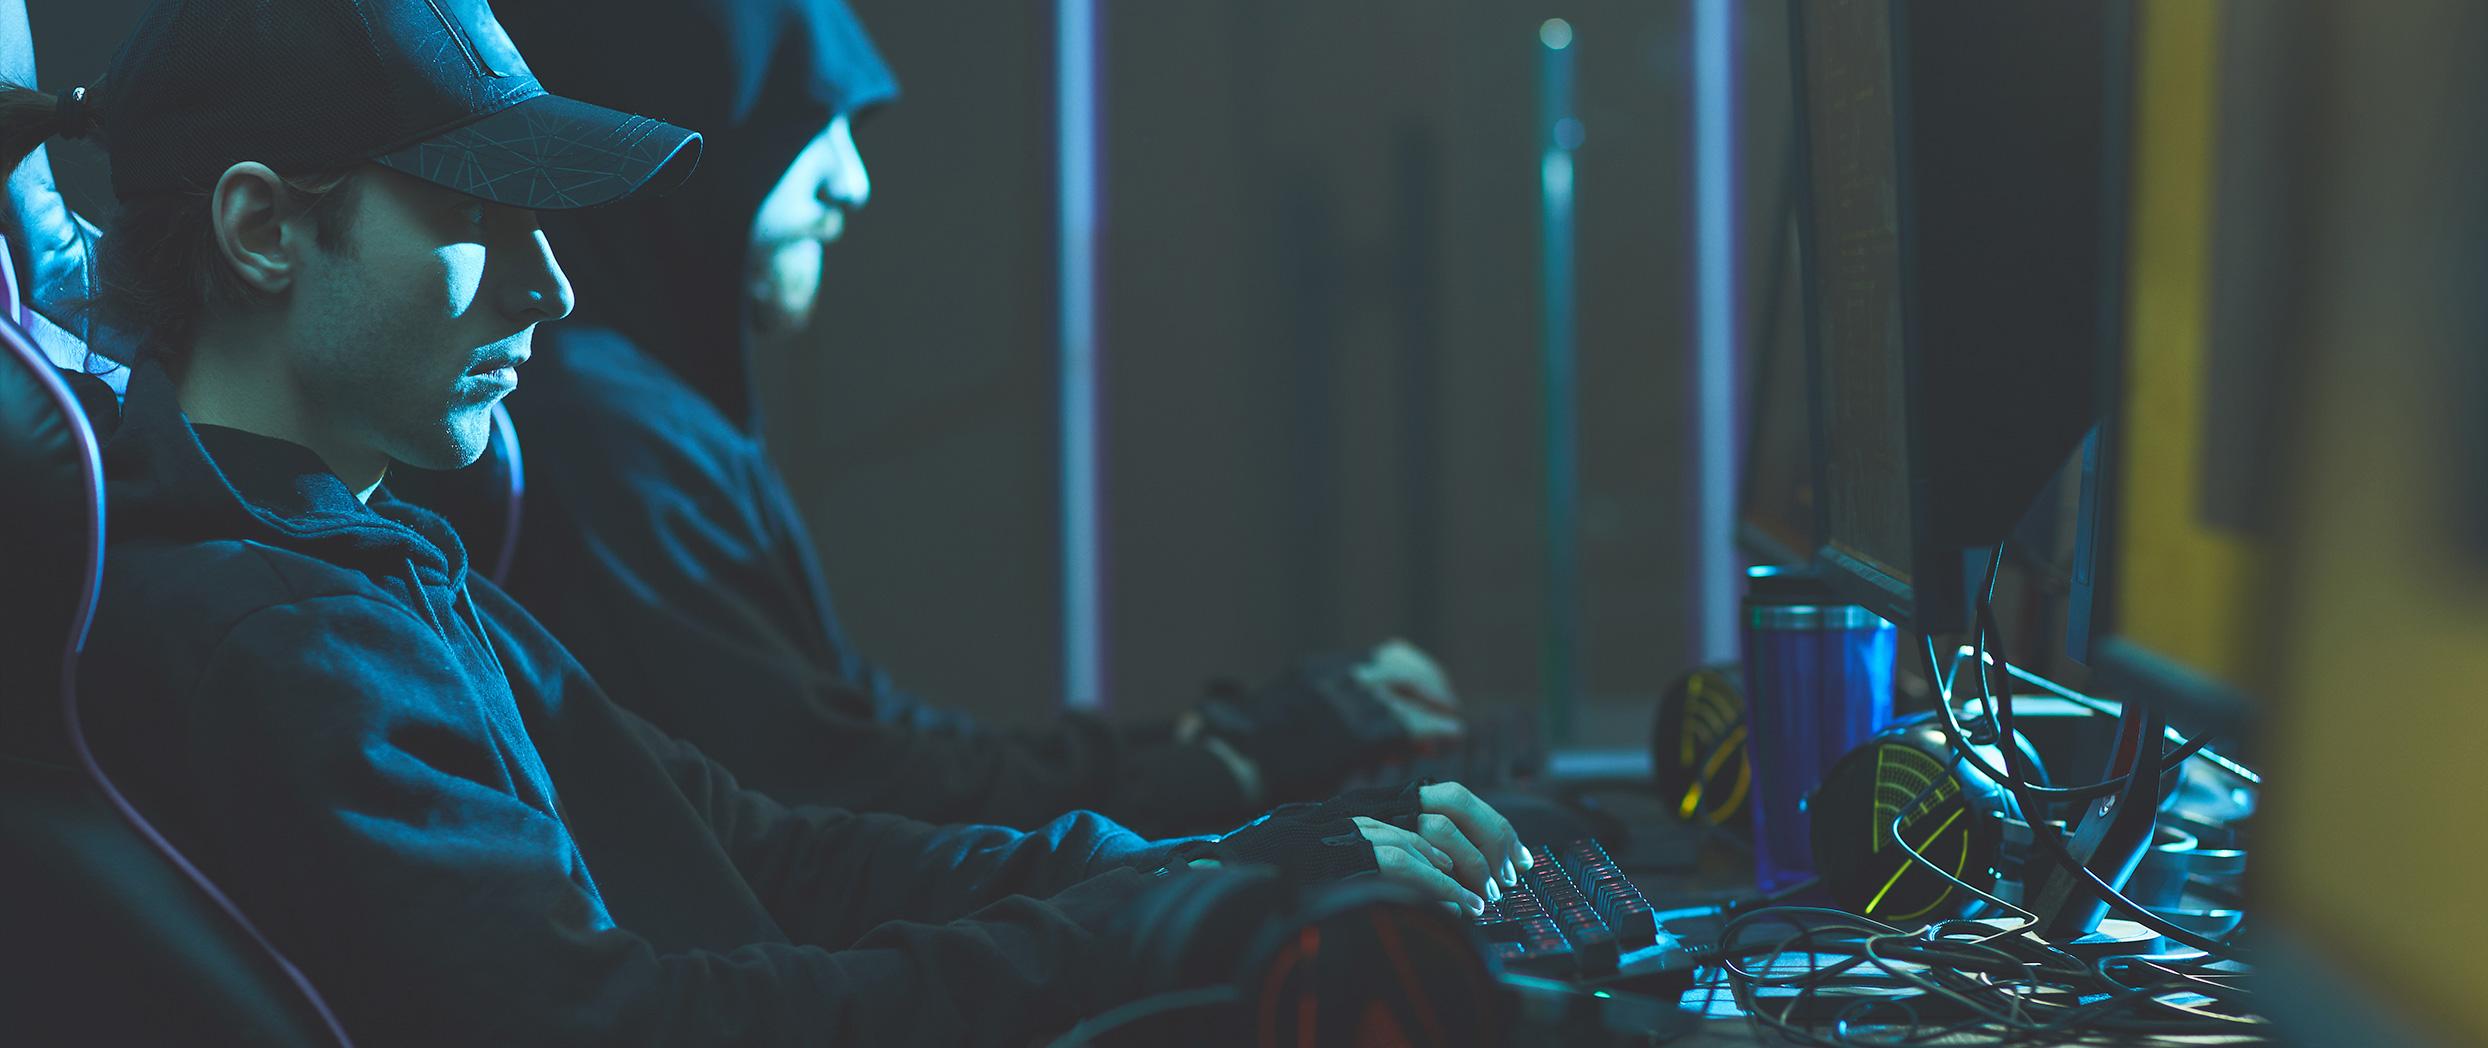 El grupo del ransomware DoppelPaymer pasa a las amenazas directas a empleados